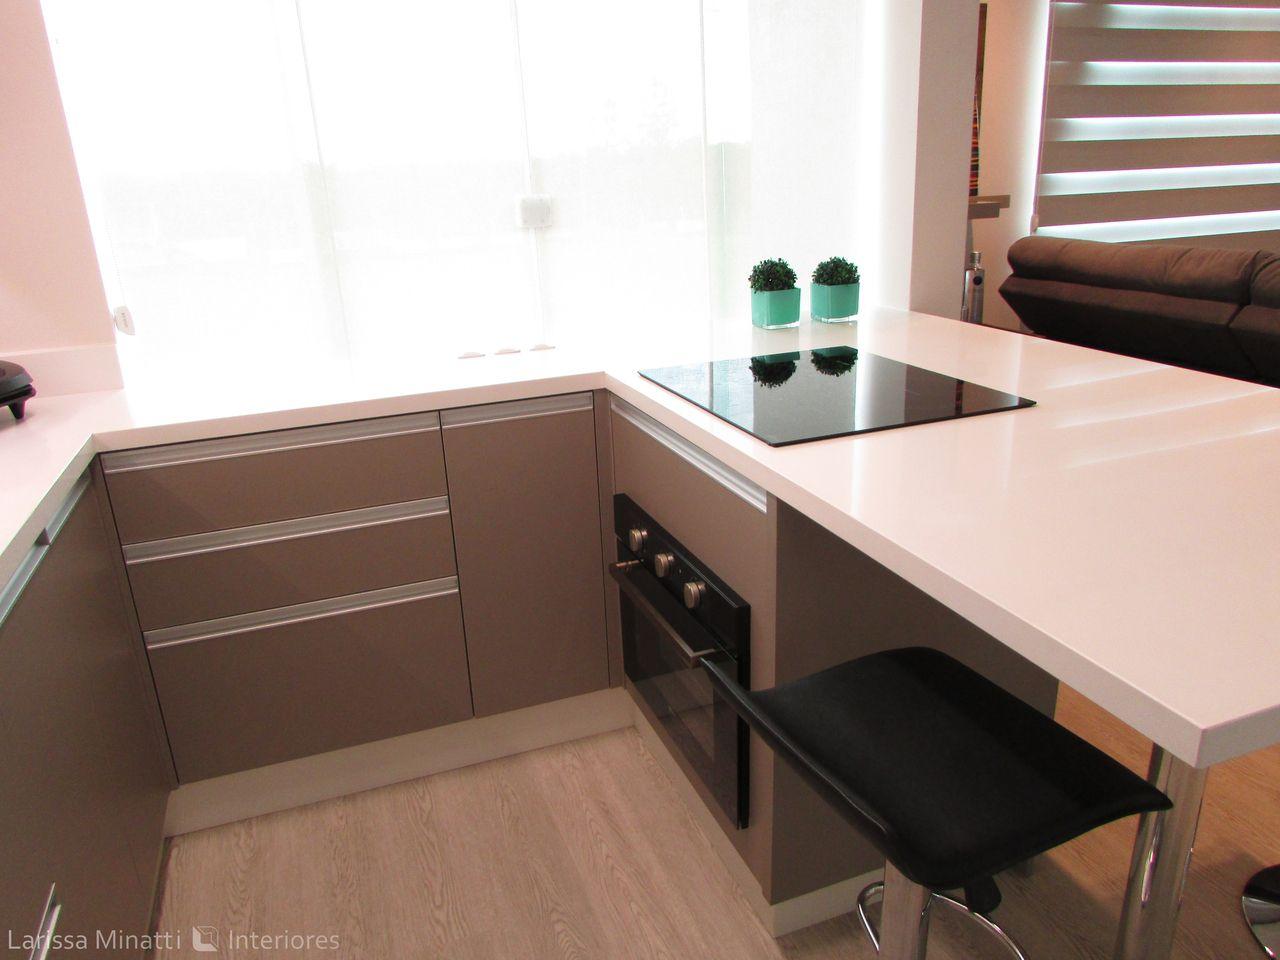 Cozinha Americana Com Piso De Madeira De Larissa Minatti 133211 No